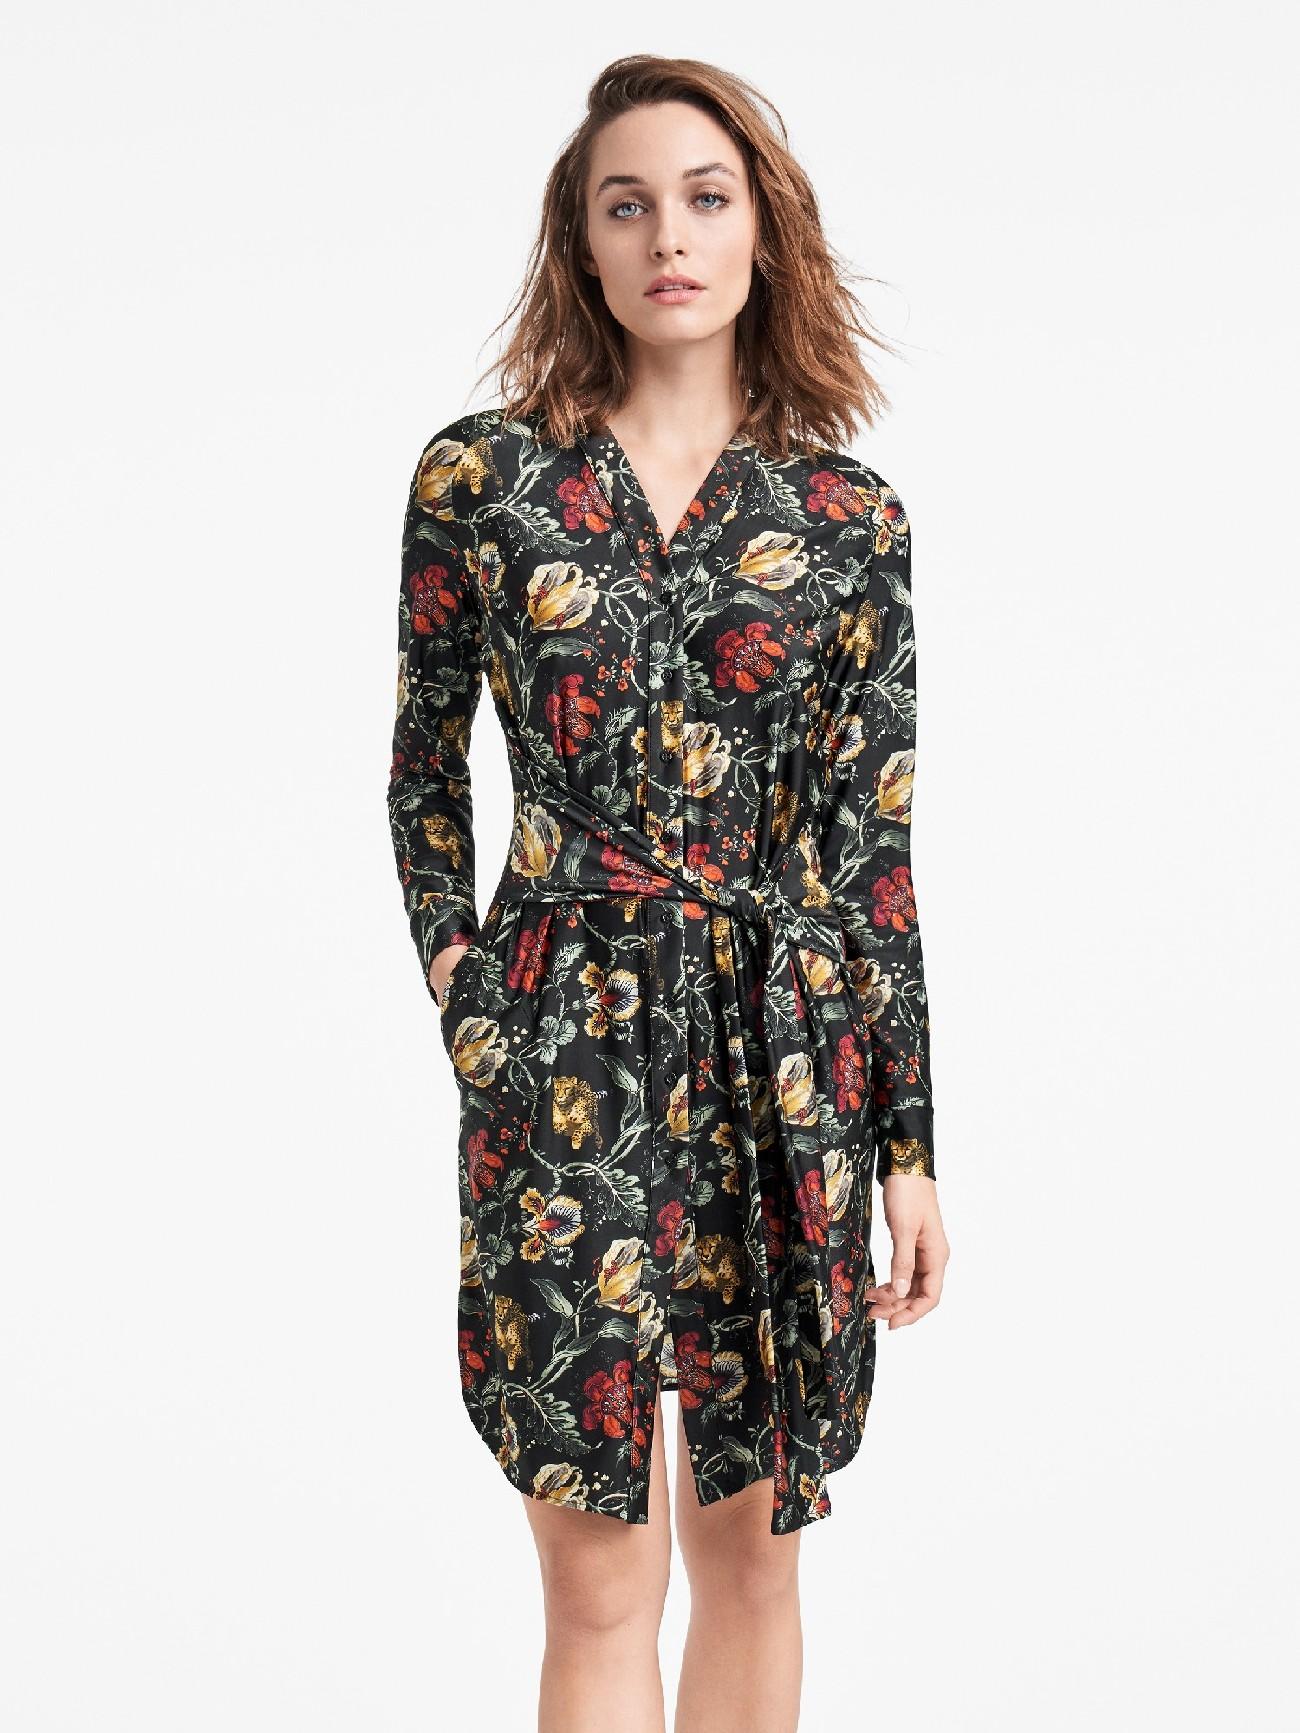 Купить со скидкой jungle print dress